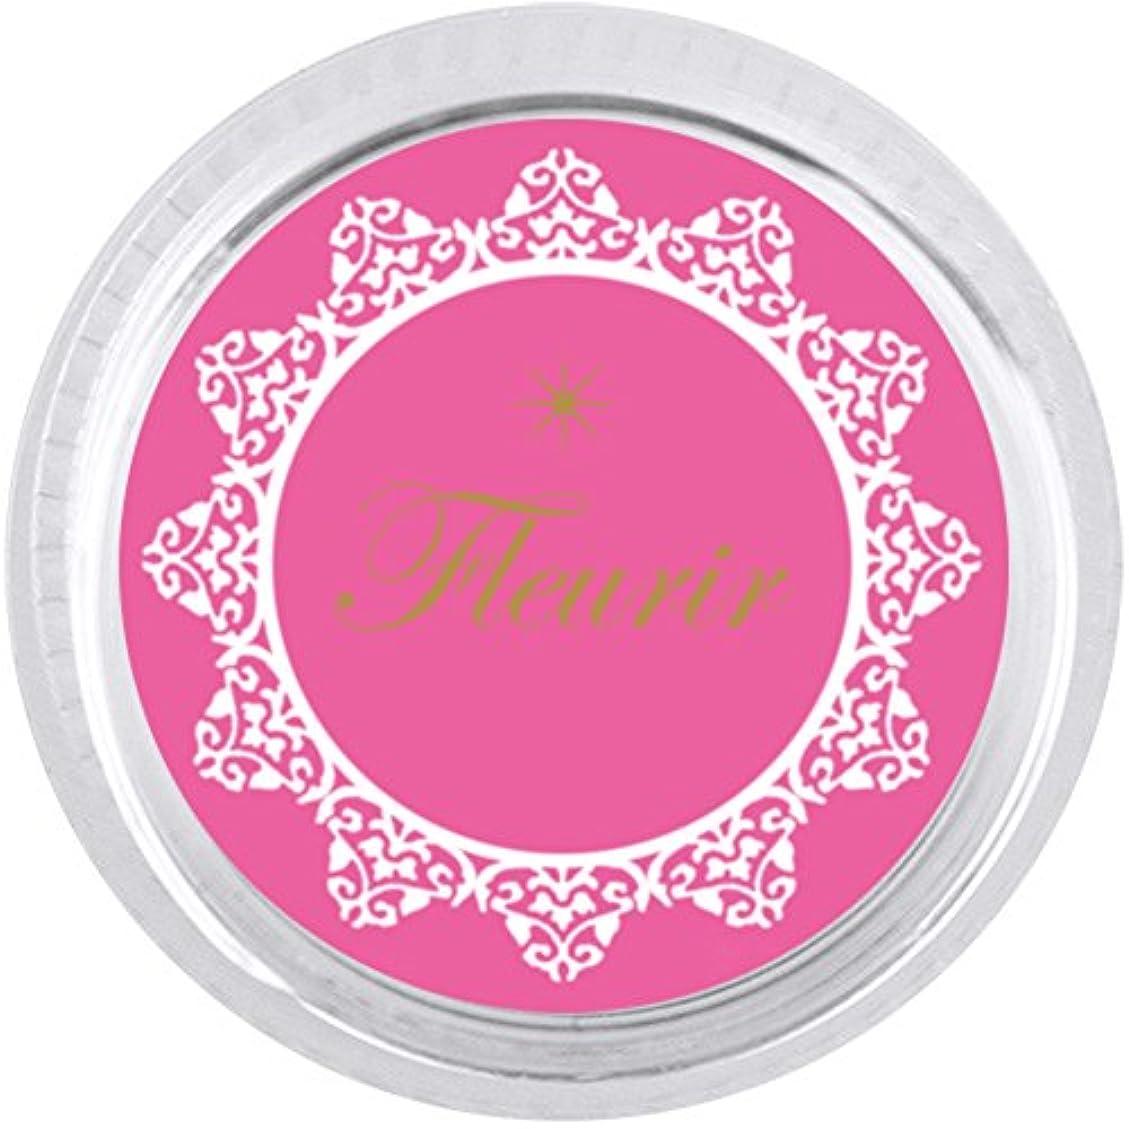 封筒シャトルバブルカラーパウダー ピンク